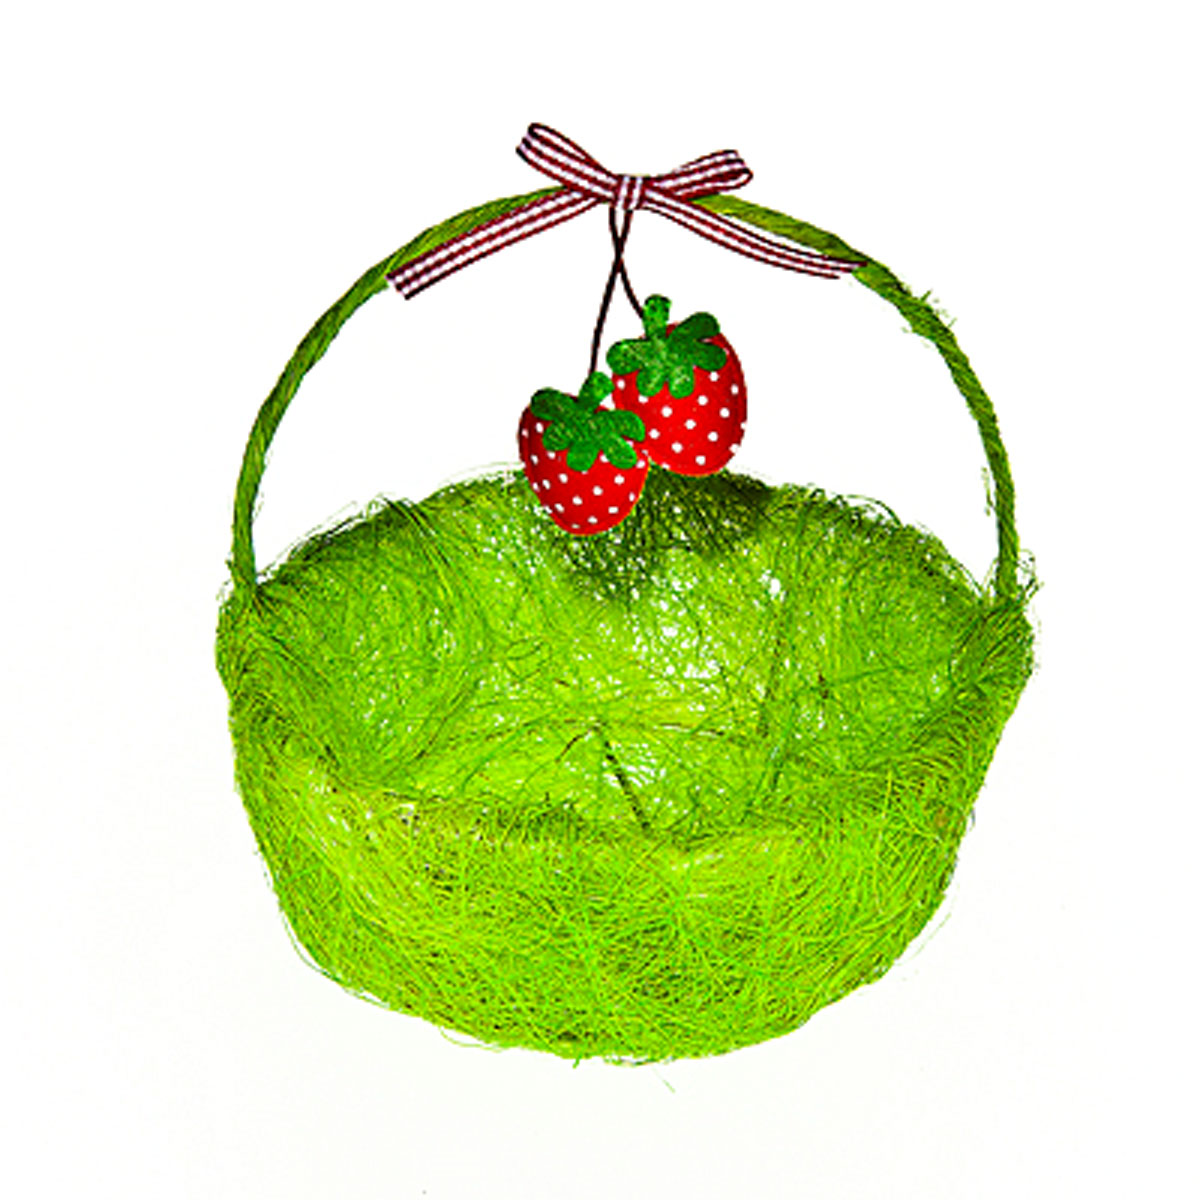 Корзина декоративная Home Queen Ягоды, цвет: зеленый, 14 х 13 х 5 см64328_1Декоративная корзина Home Queen Ягоды предназначена для храненияразличных мелочей и аксессуаров. Изделие имеет металлический каркас, обтянутыйнитями из полиэстера. Корзина оснащена удобной ручкой и декорирована подвесным украшением в виде текстильных ягод с бантиком.Такаякорзина станет оригинальным и необычным подарком или украшением интерьера. Размер корзины: 14 см х 13 см х 5 см.Диаметр дна: 10 см.Высота ручки: 10 см.